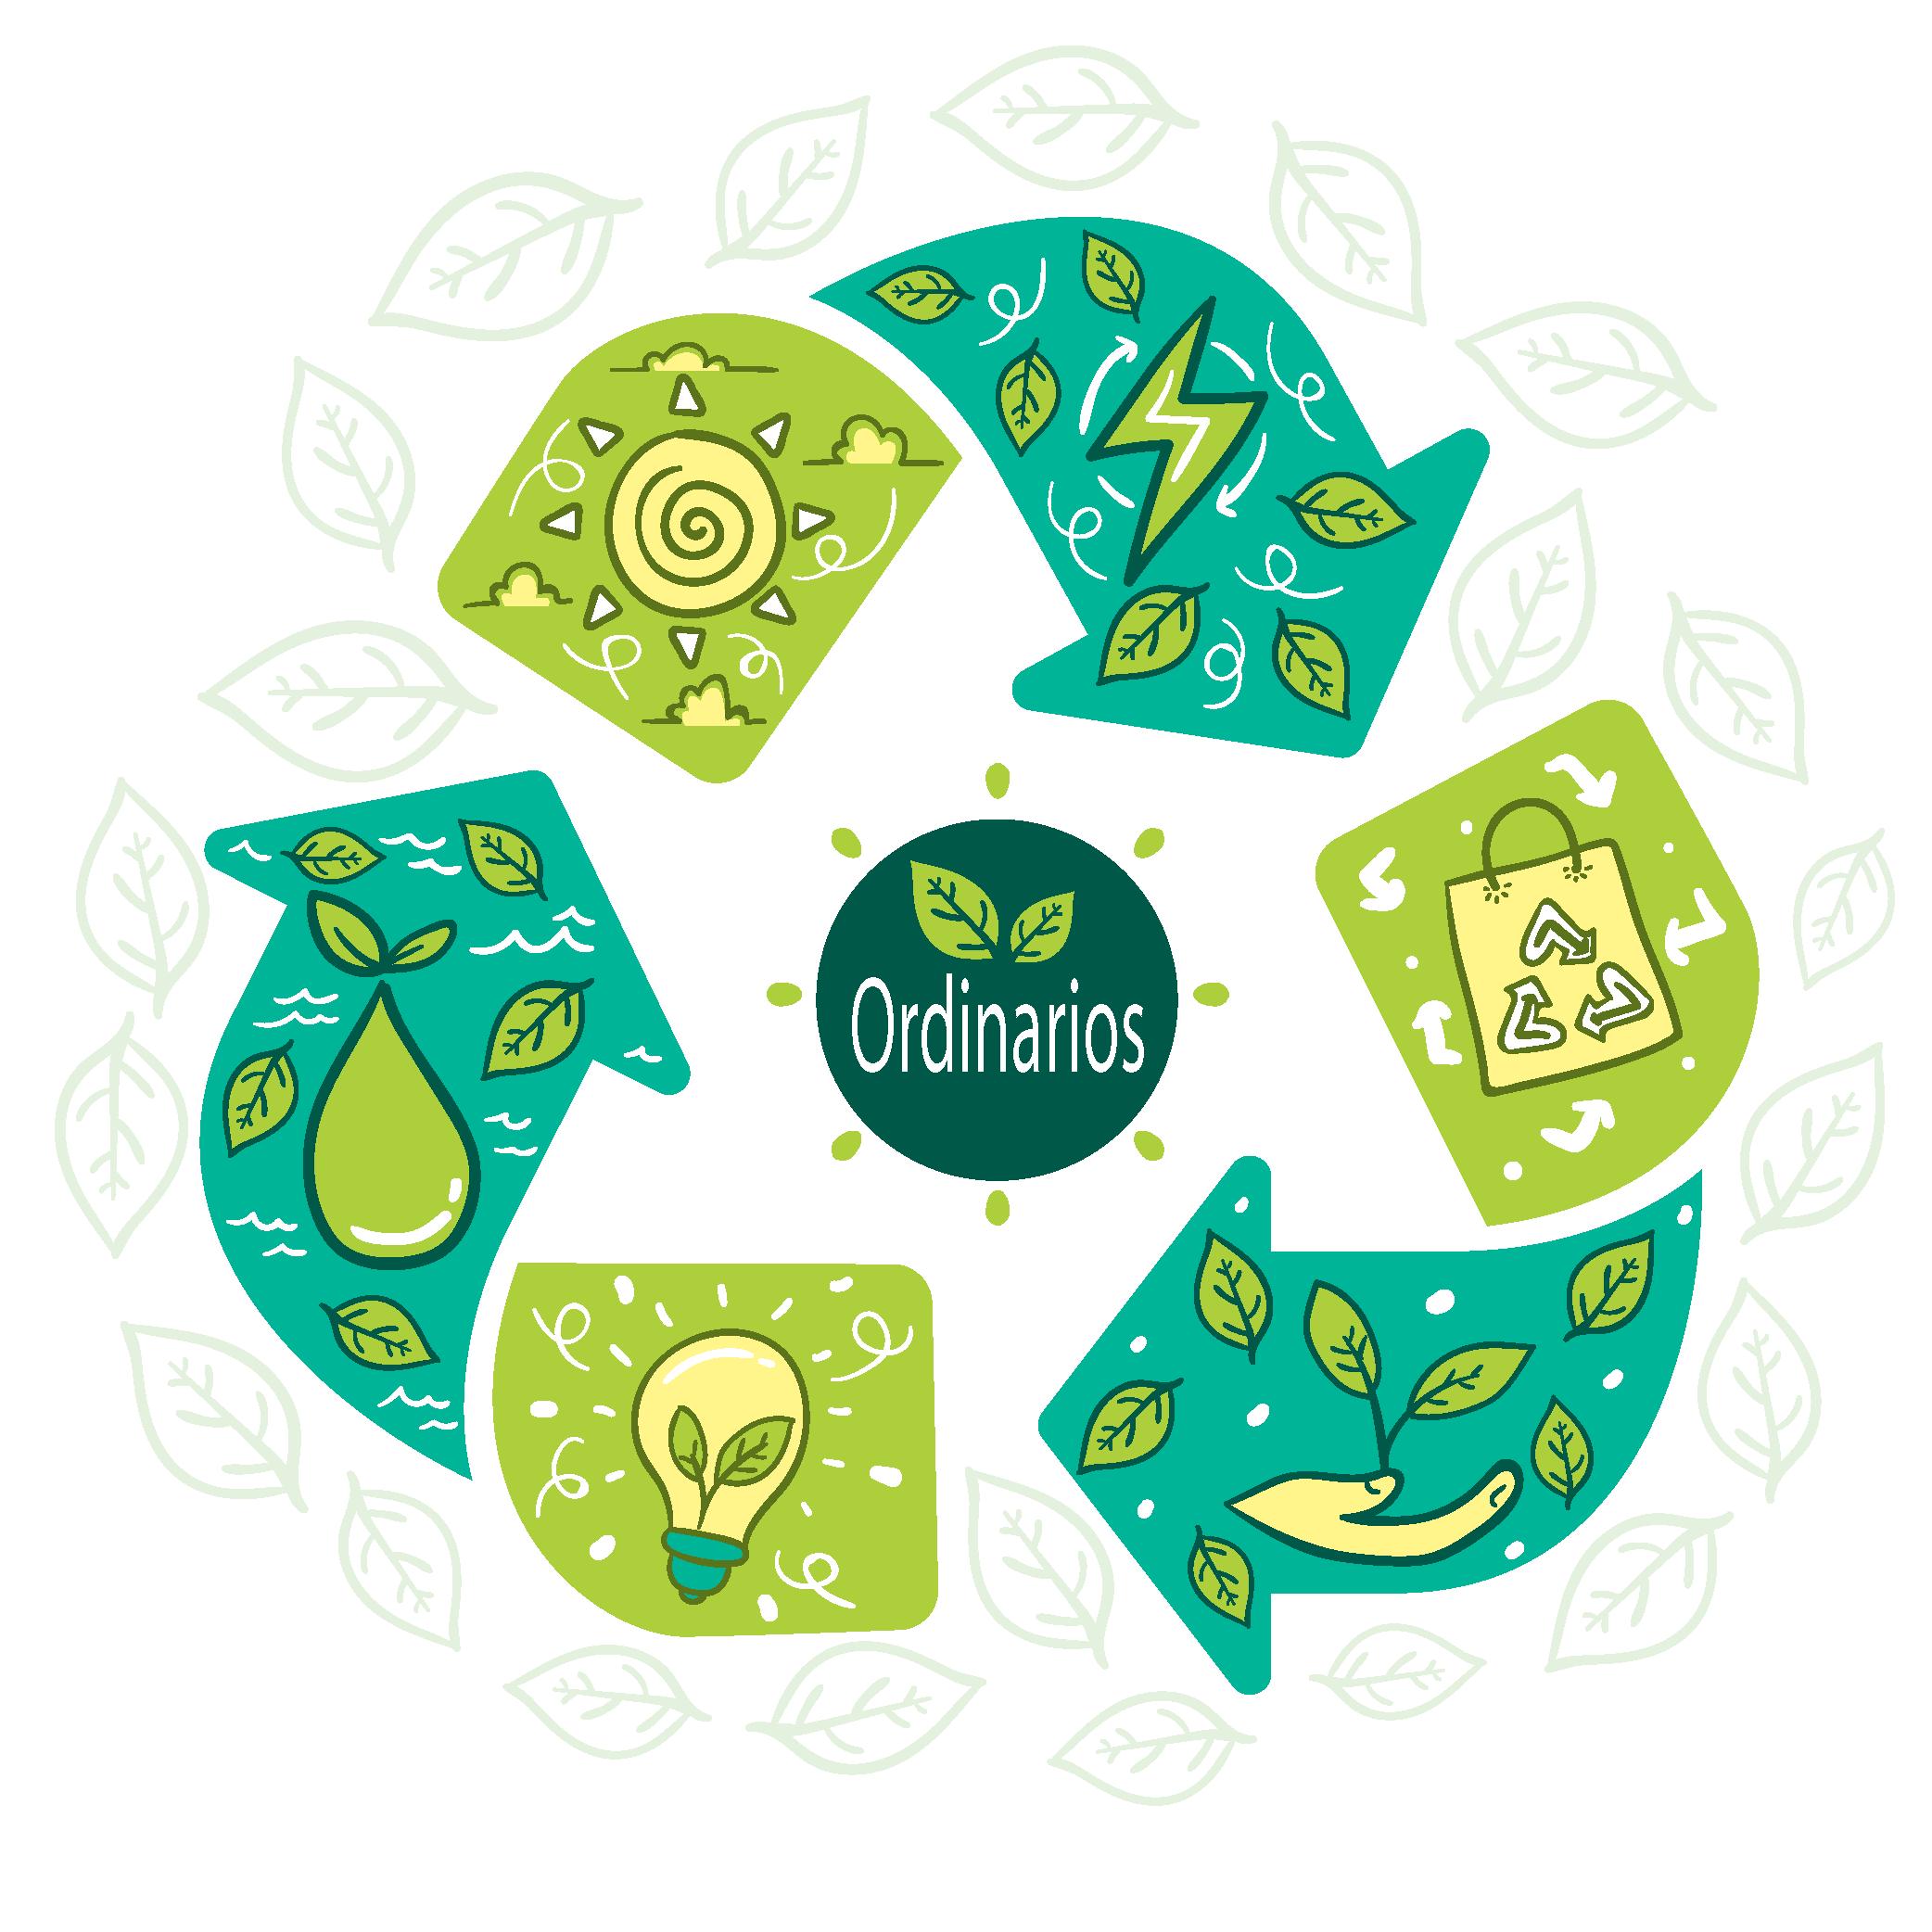 Gestión de Residuos Ordinarios